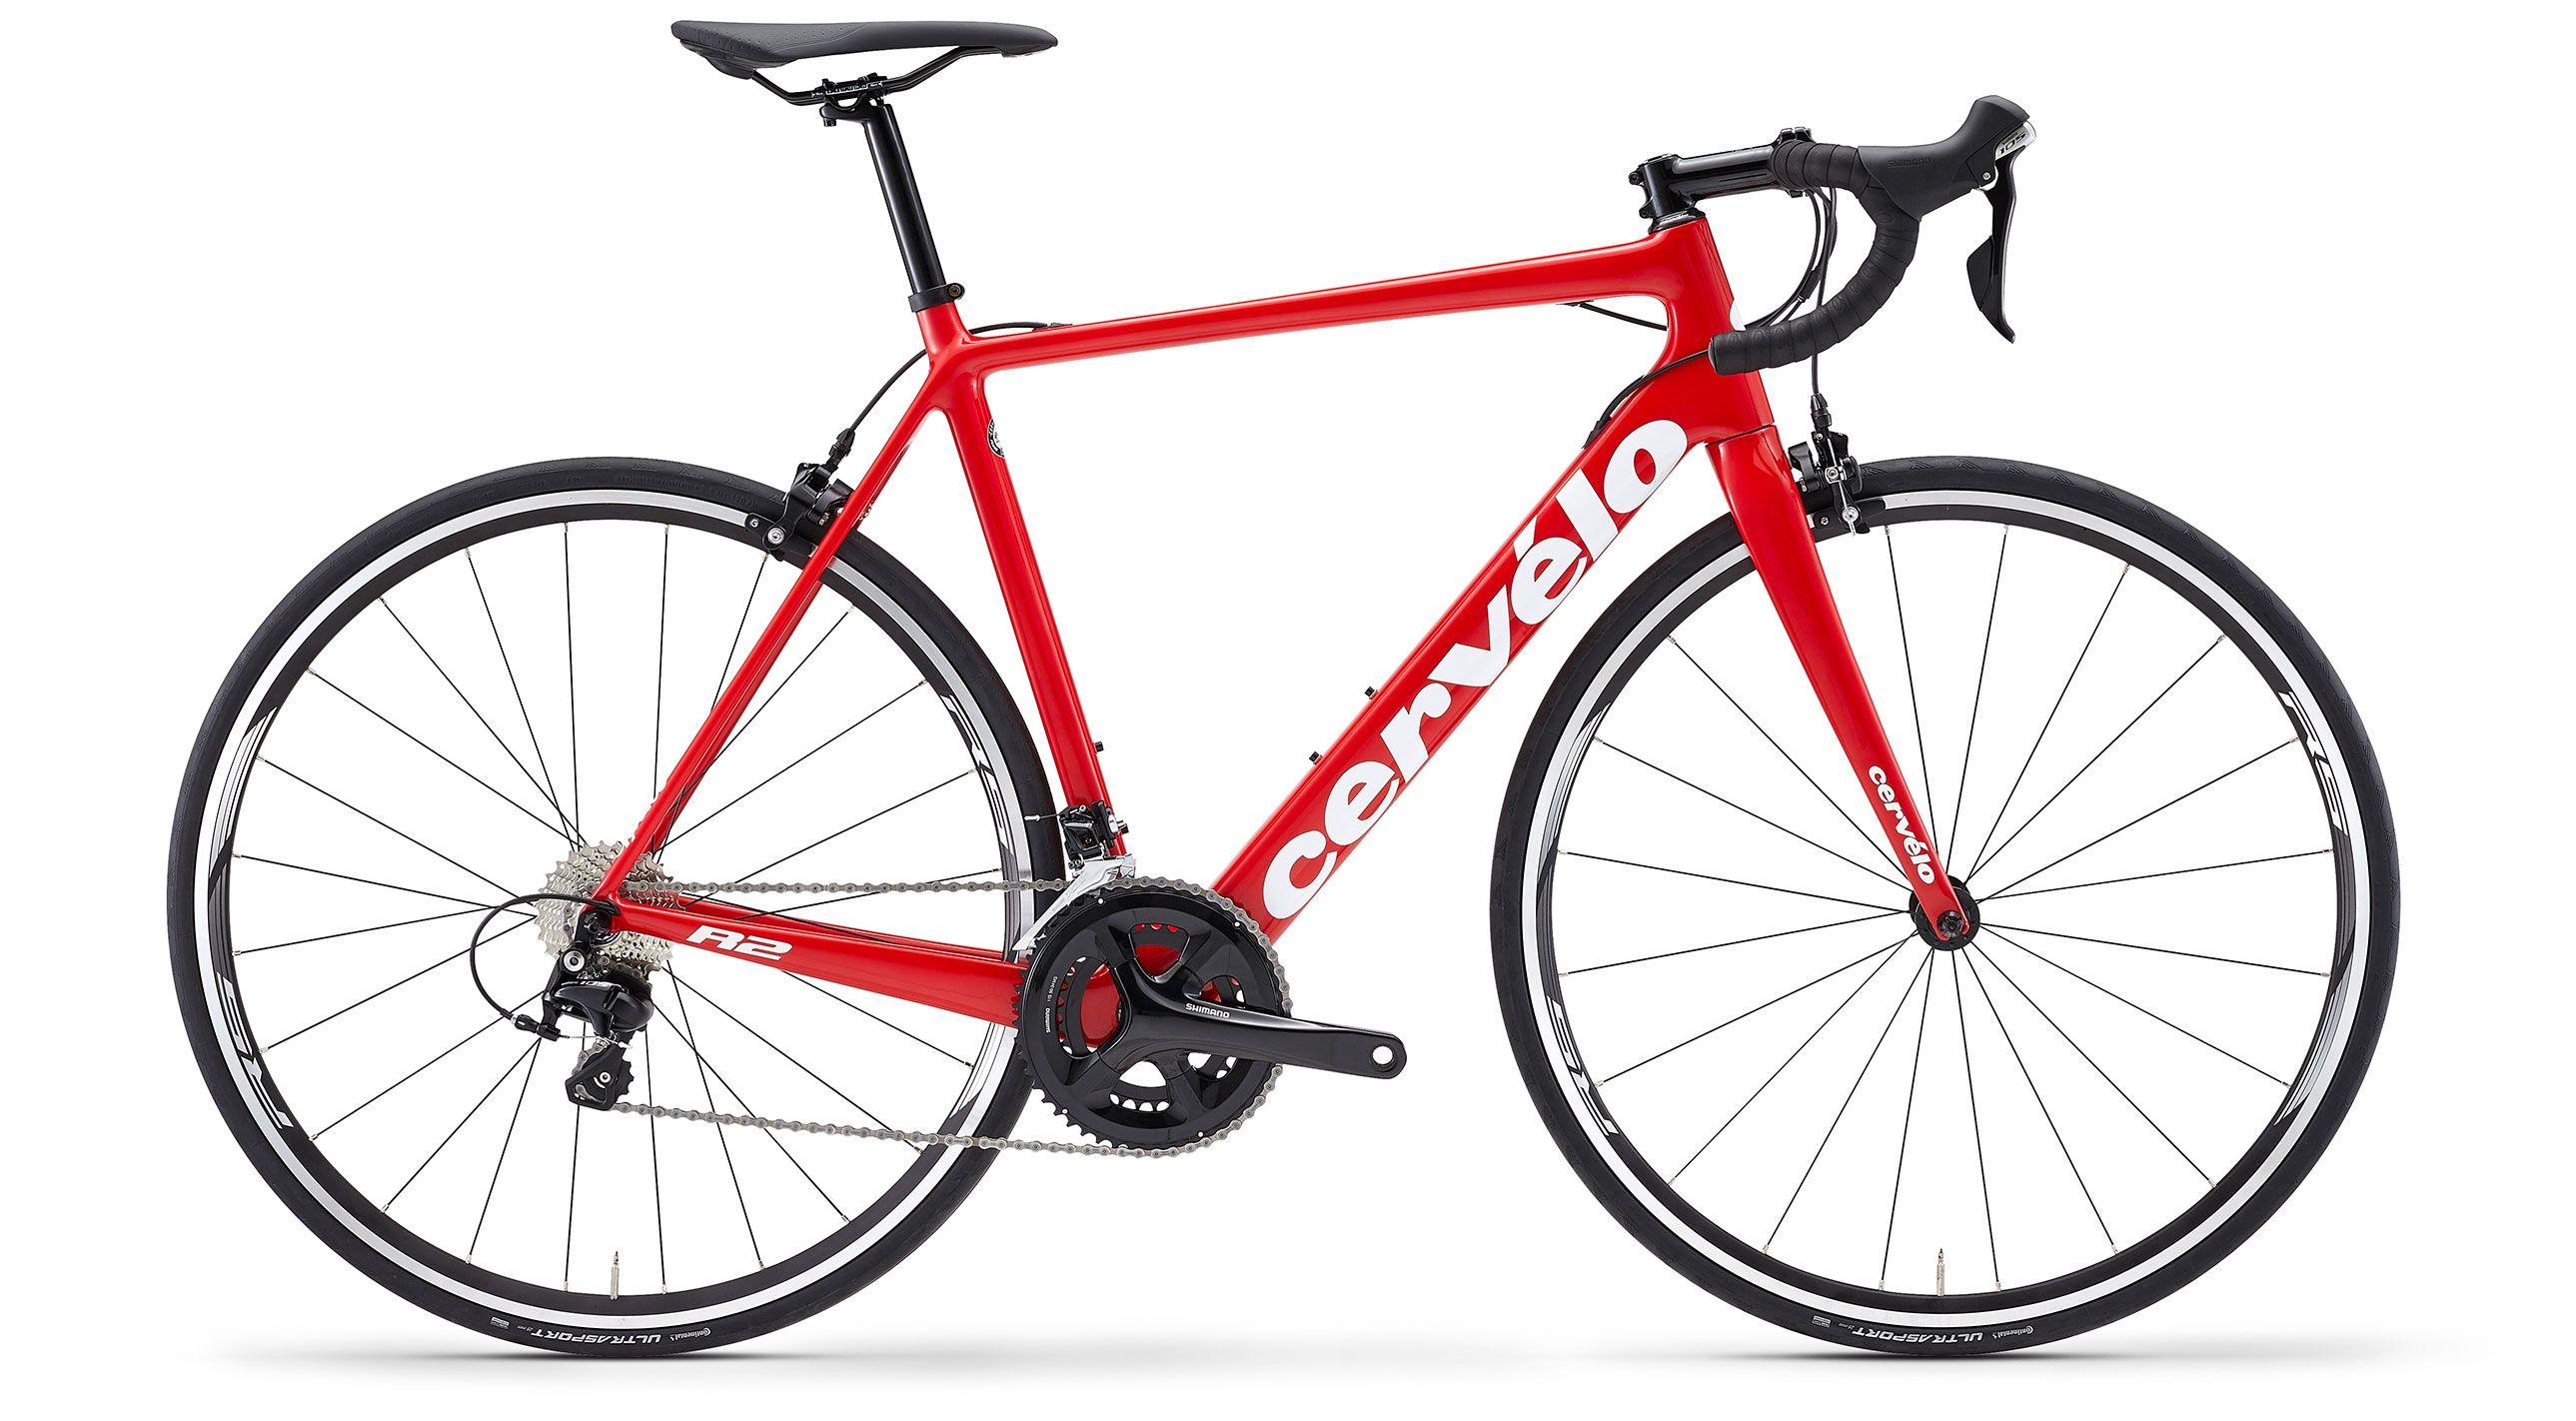 Велосипед Cervelo R2 105 2018 велосипед cervelo s3 ultegra 2018